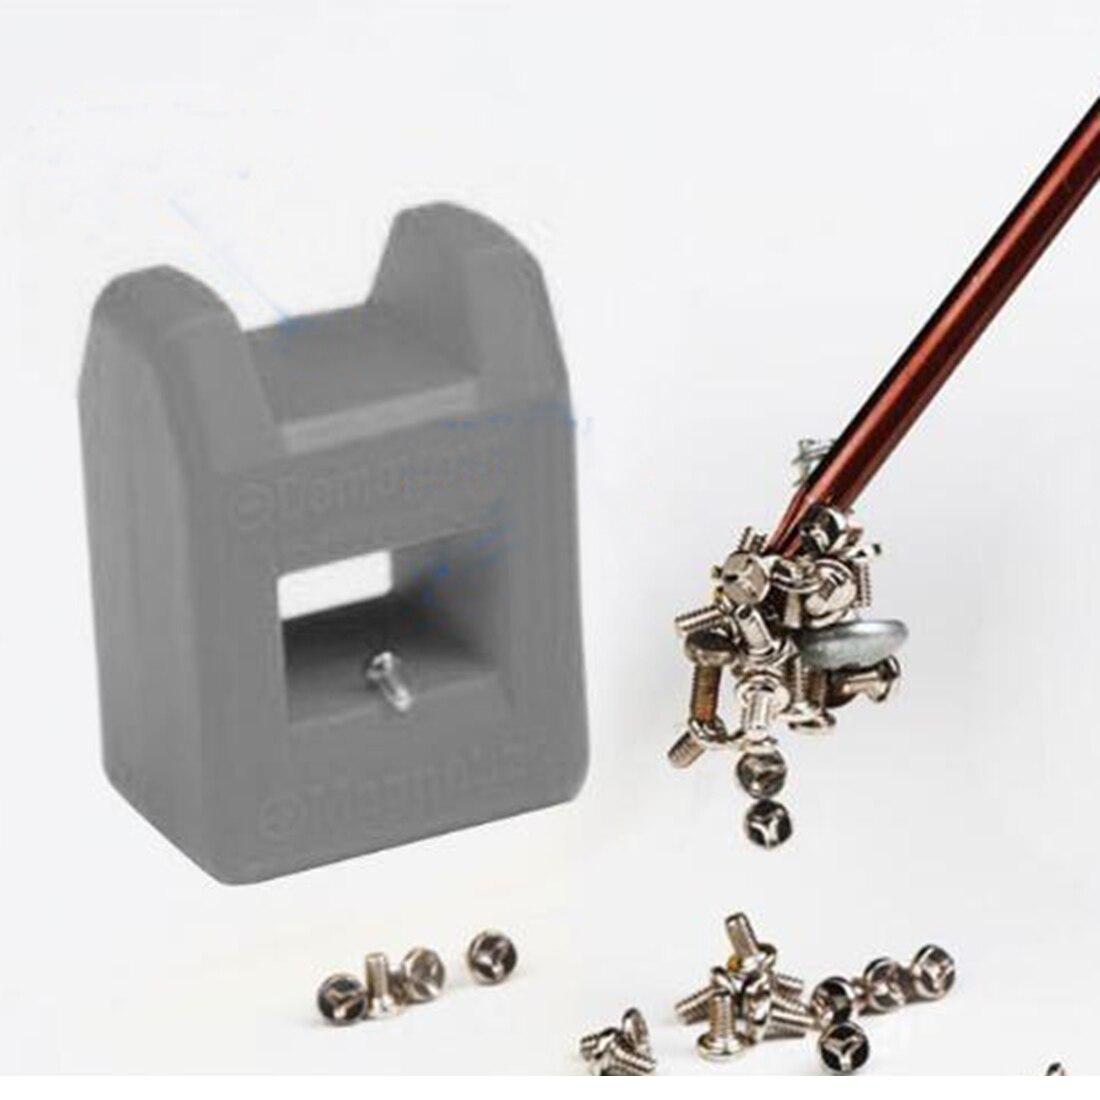 2 em 1 rápida chave de fenda magnetizador 1 pc mini magnetizador ferramenta desmagnetizador chave de fenda aço inoxidável magnetizador